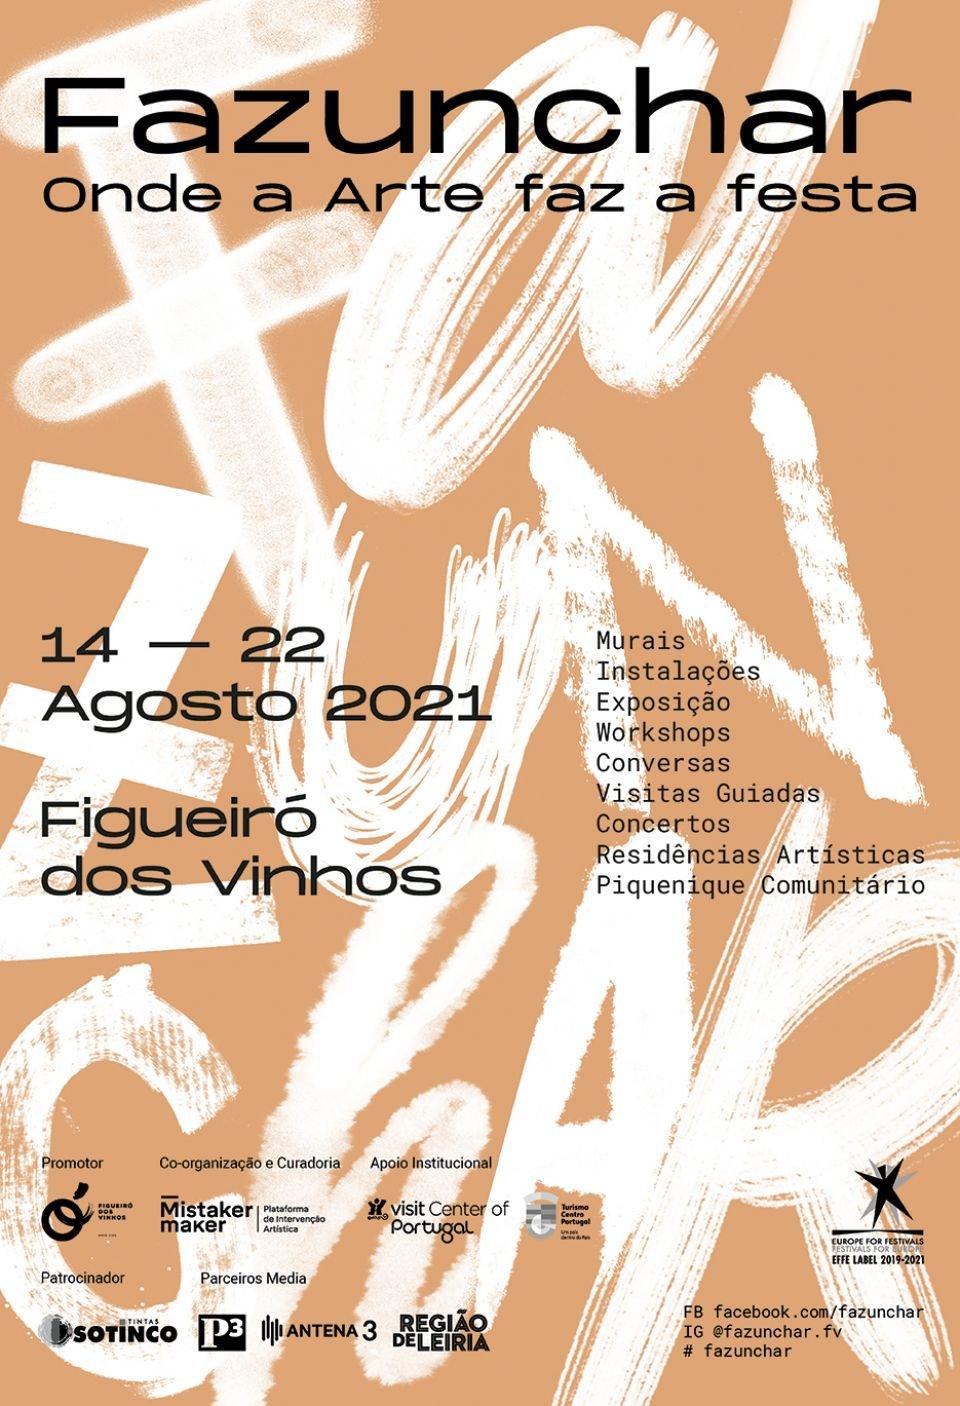 FAZUNCHAR 2021 - Festival de Arte Urbana de Figueiró dos Vinhos